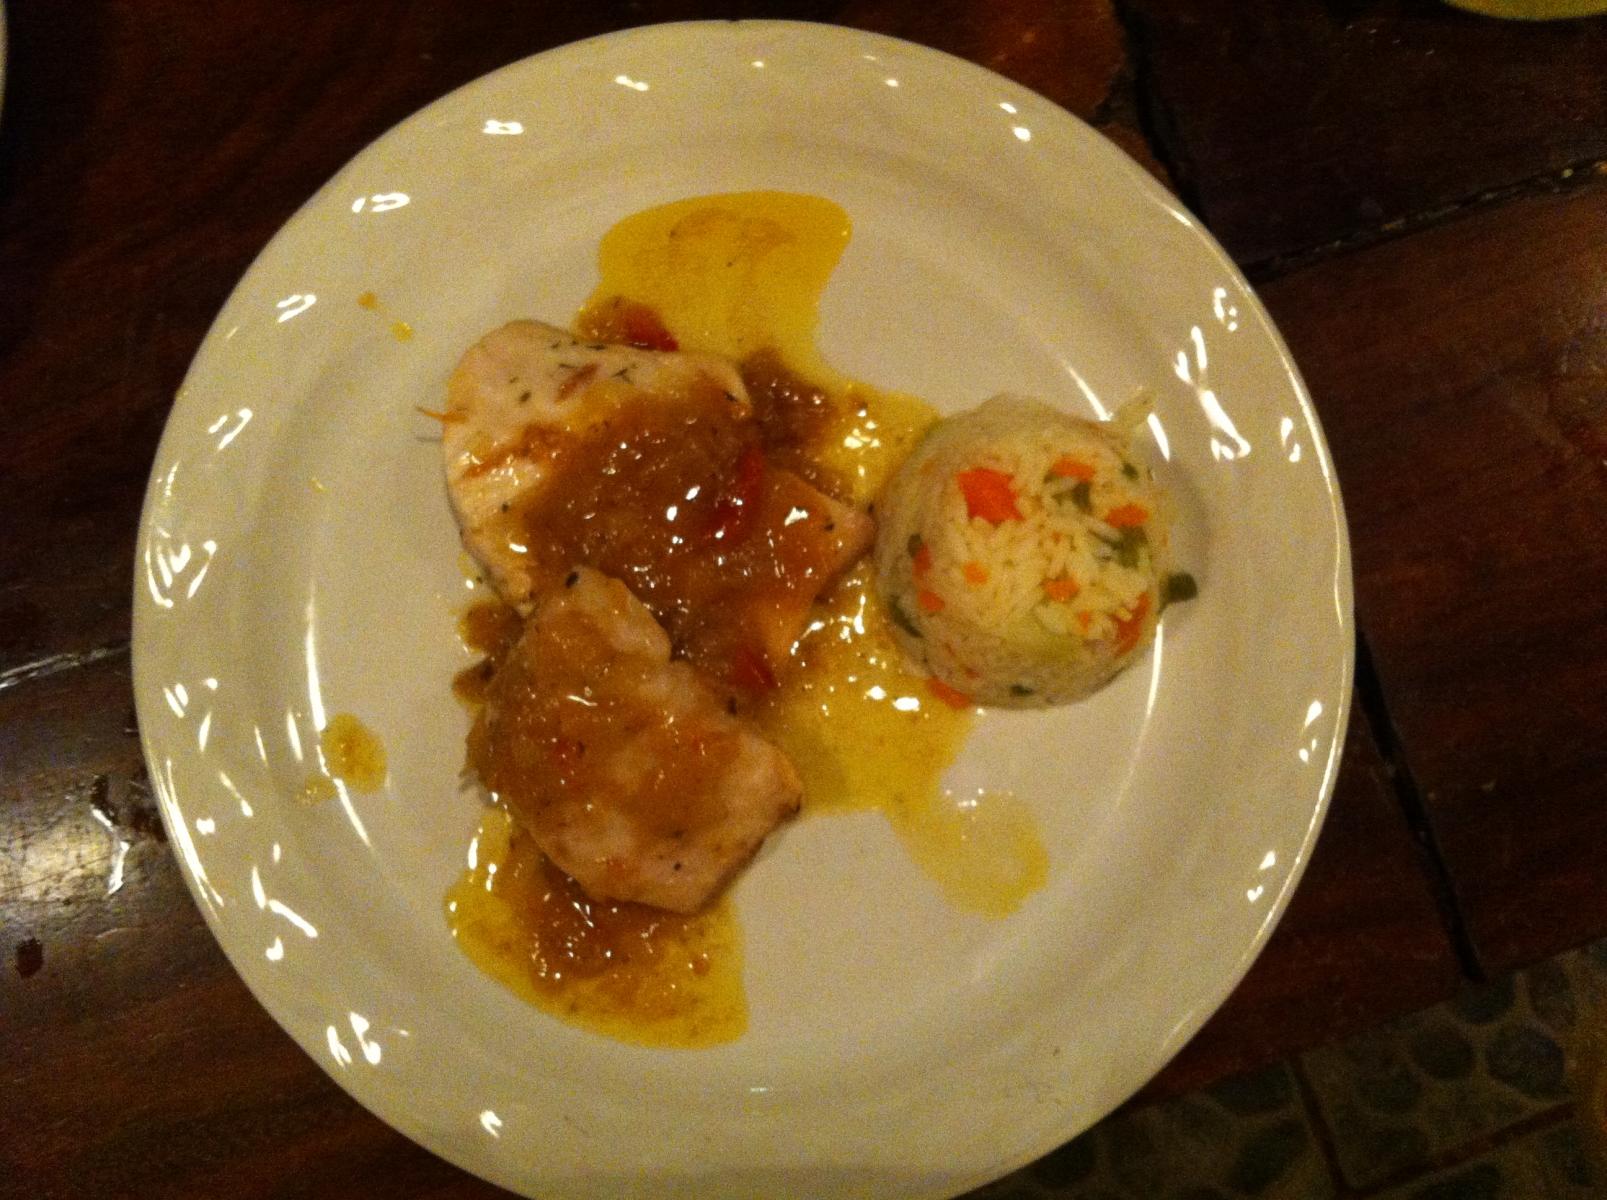 Filete-de-dorado-al-mango-y-chile-de-arbol